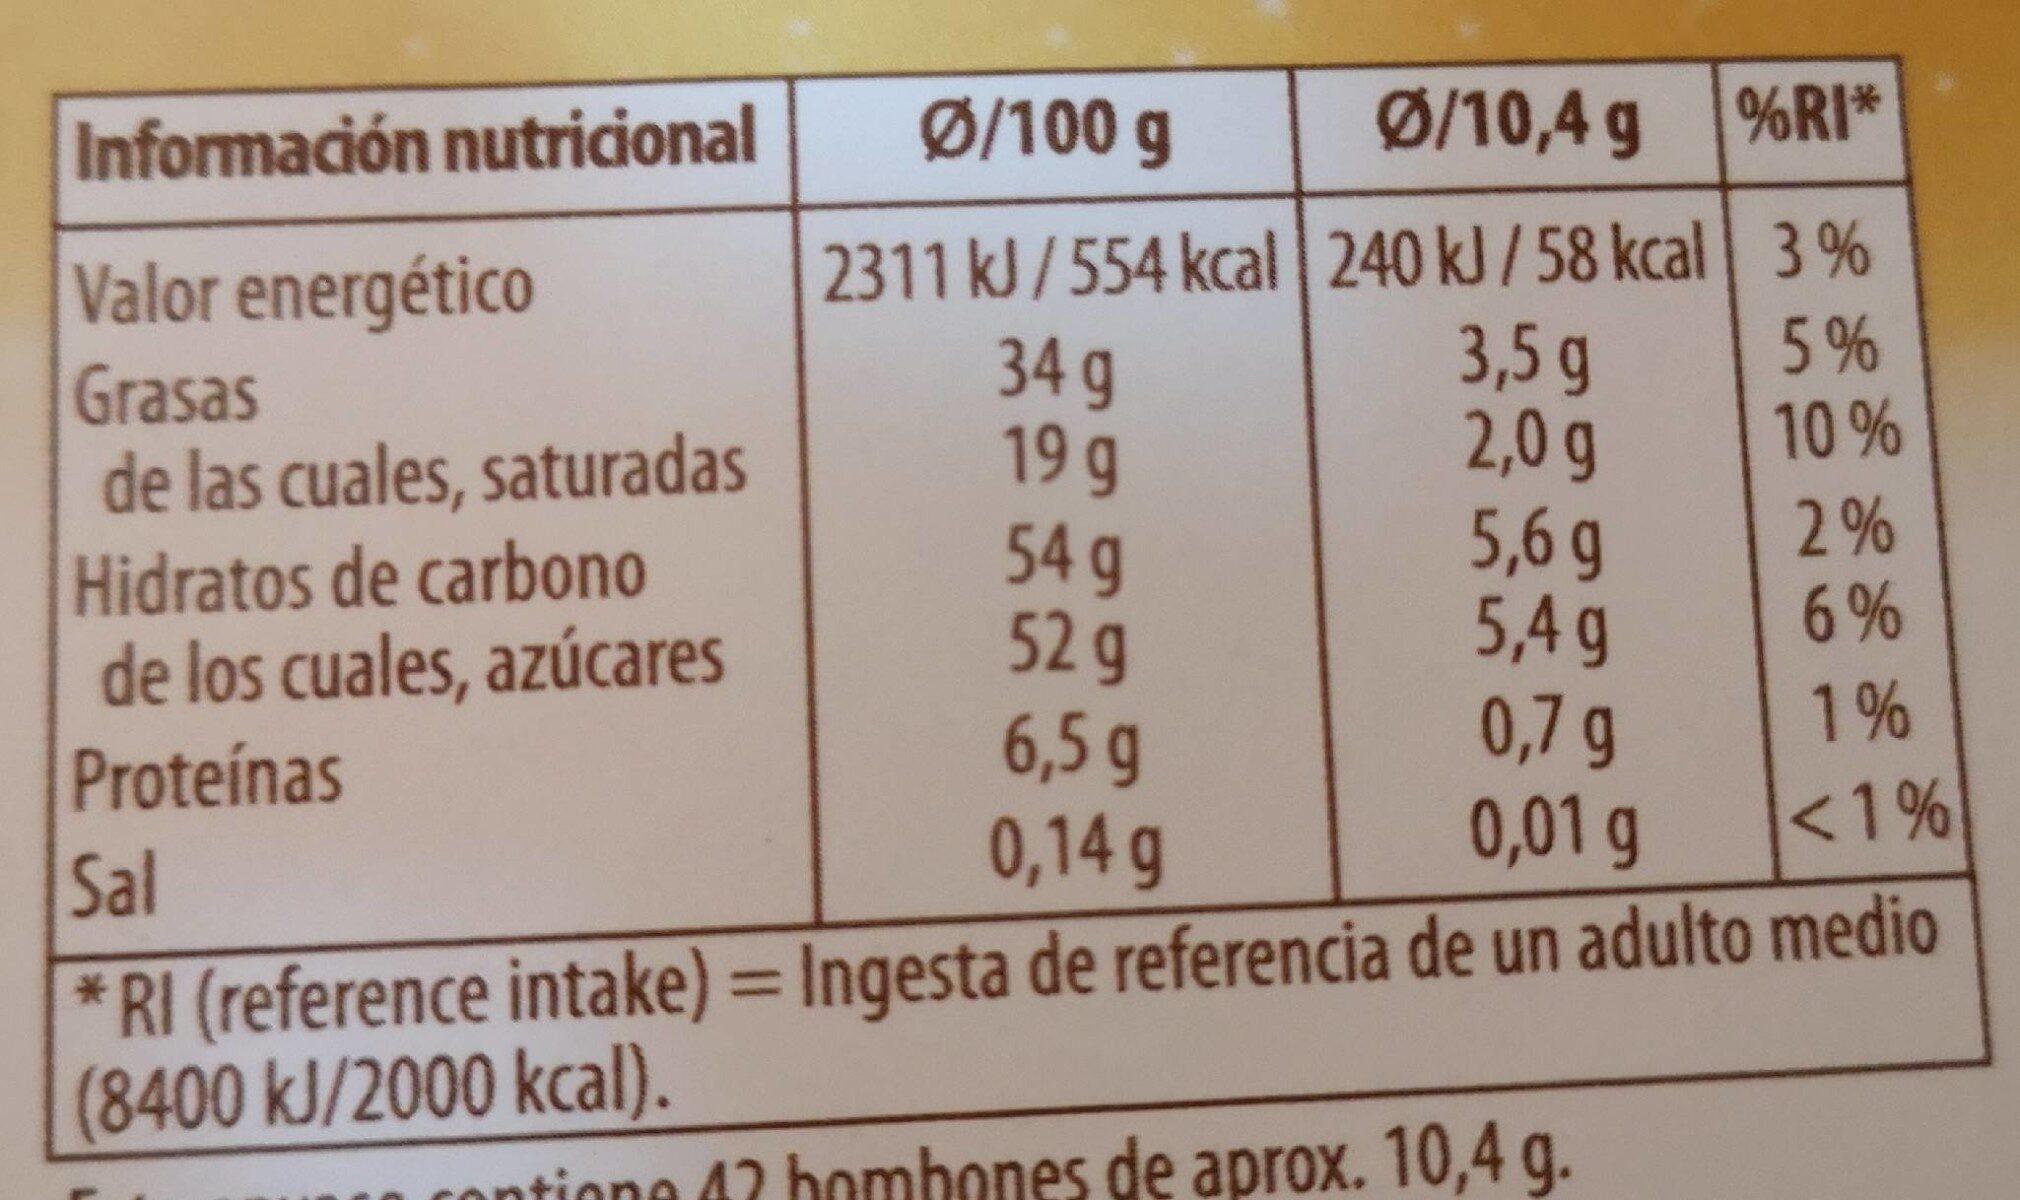 Favorina chocolates de fete - Información nutricional